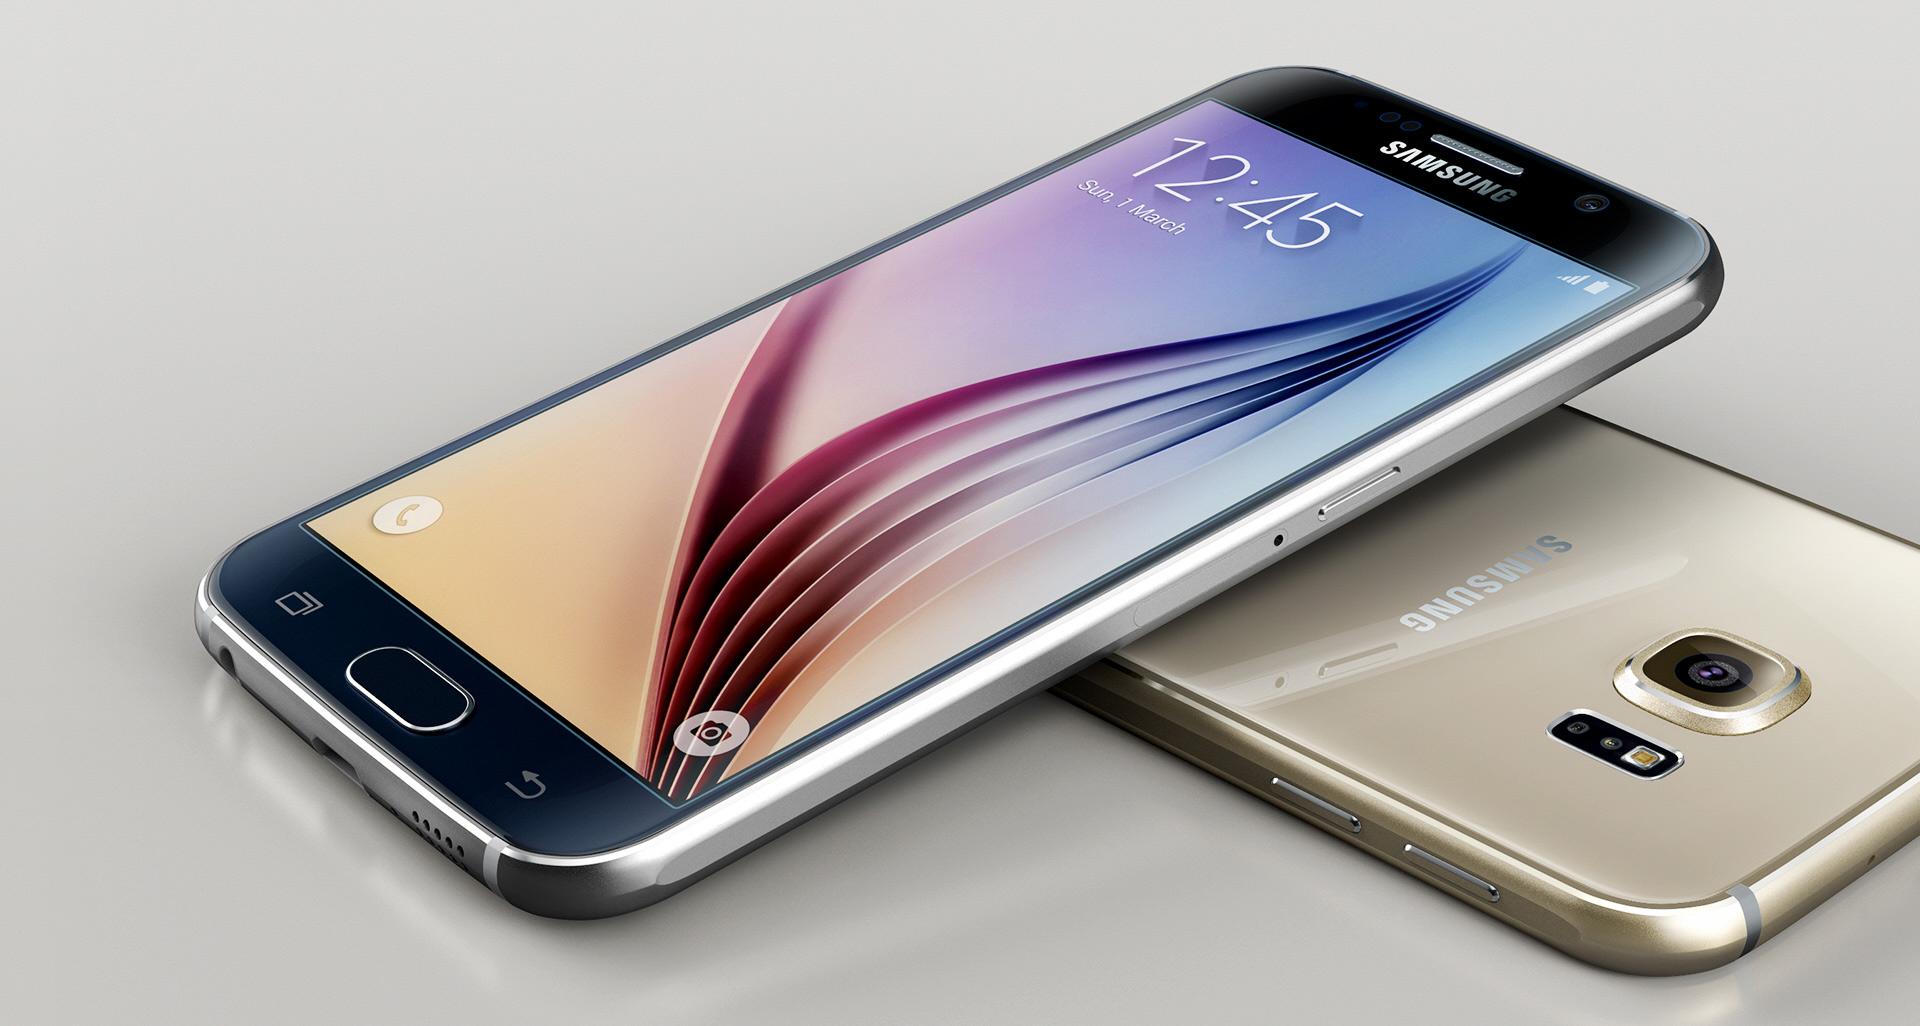 Linio: Samsung Galaxy S6 32GB Nuevo Negro y otras opciones del S6